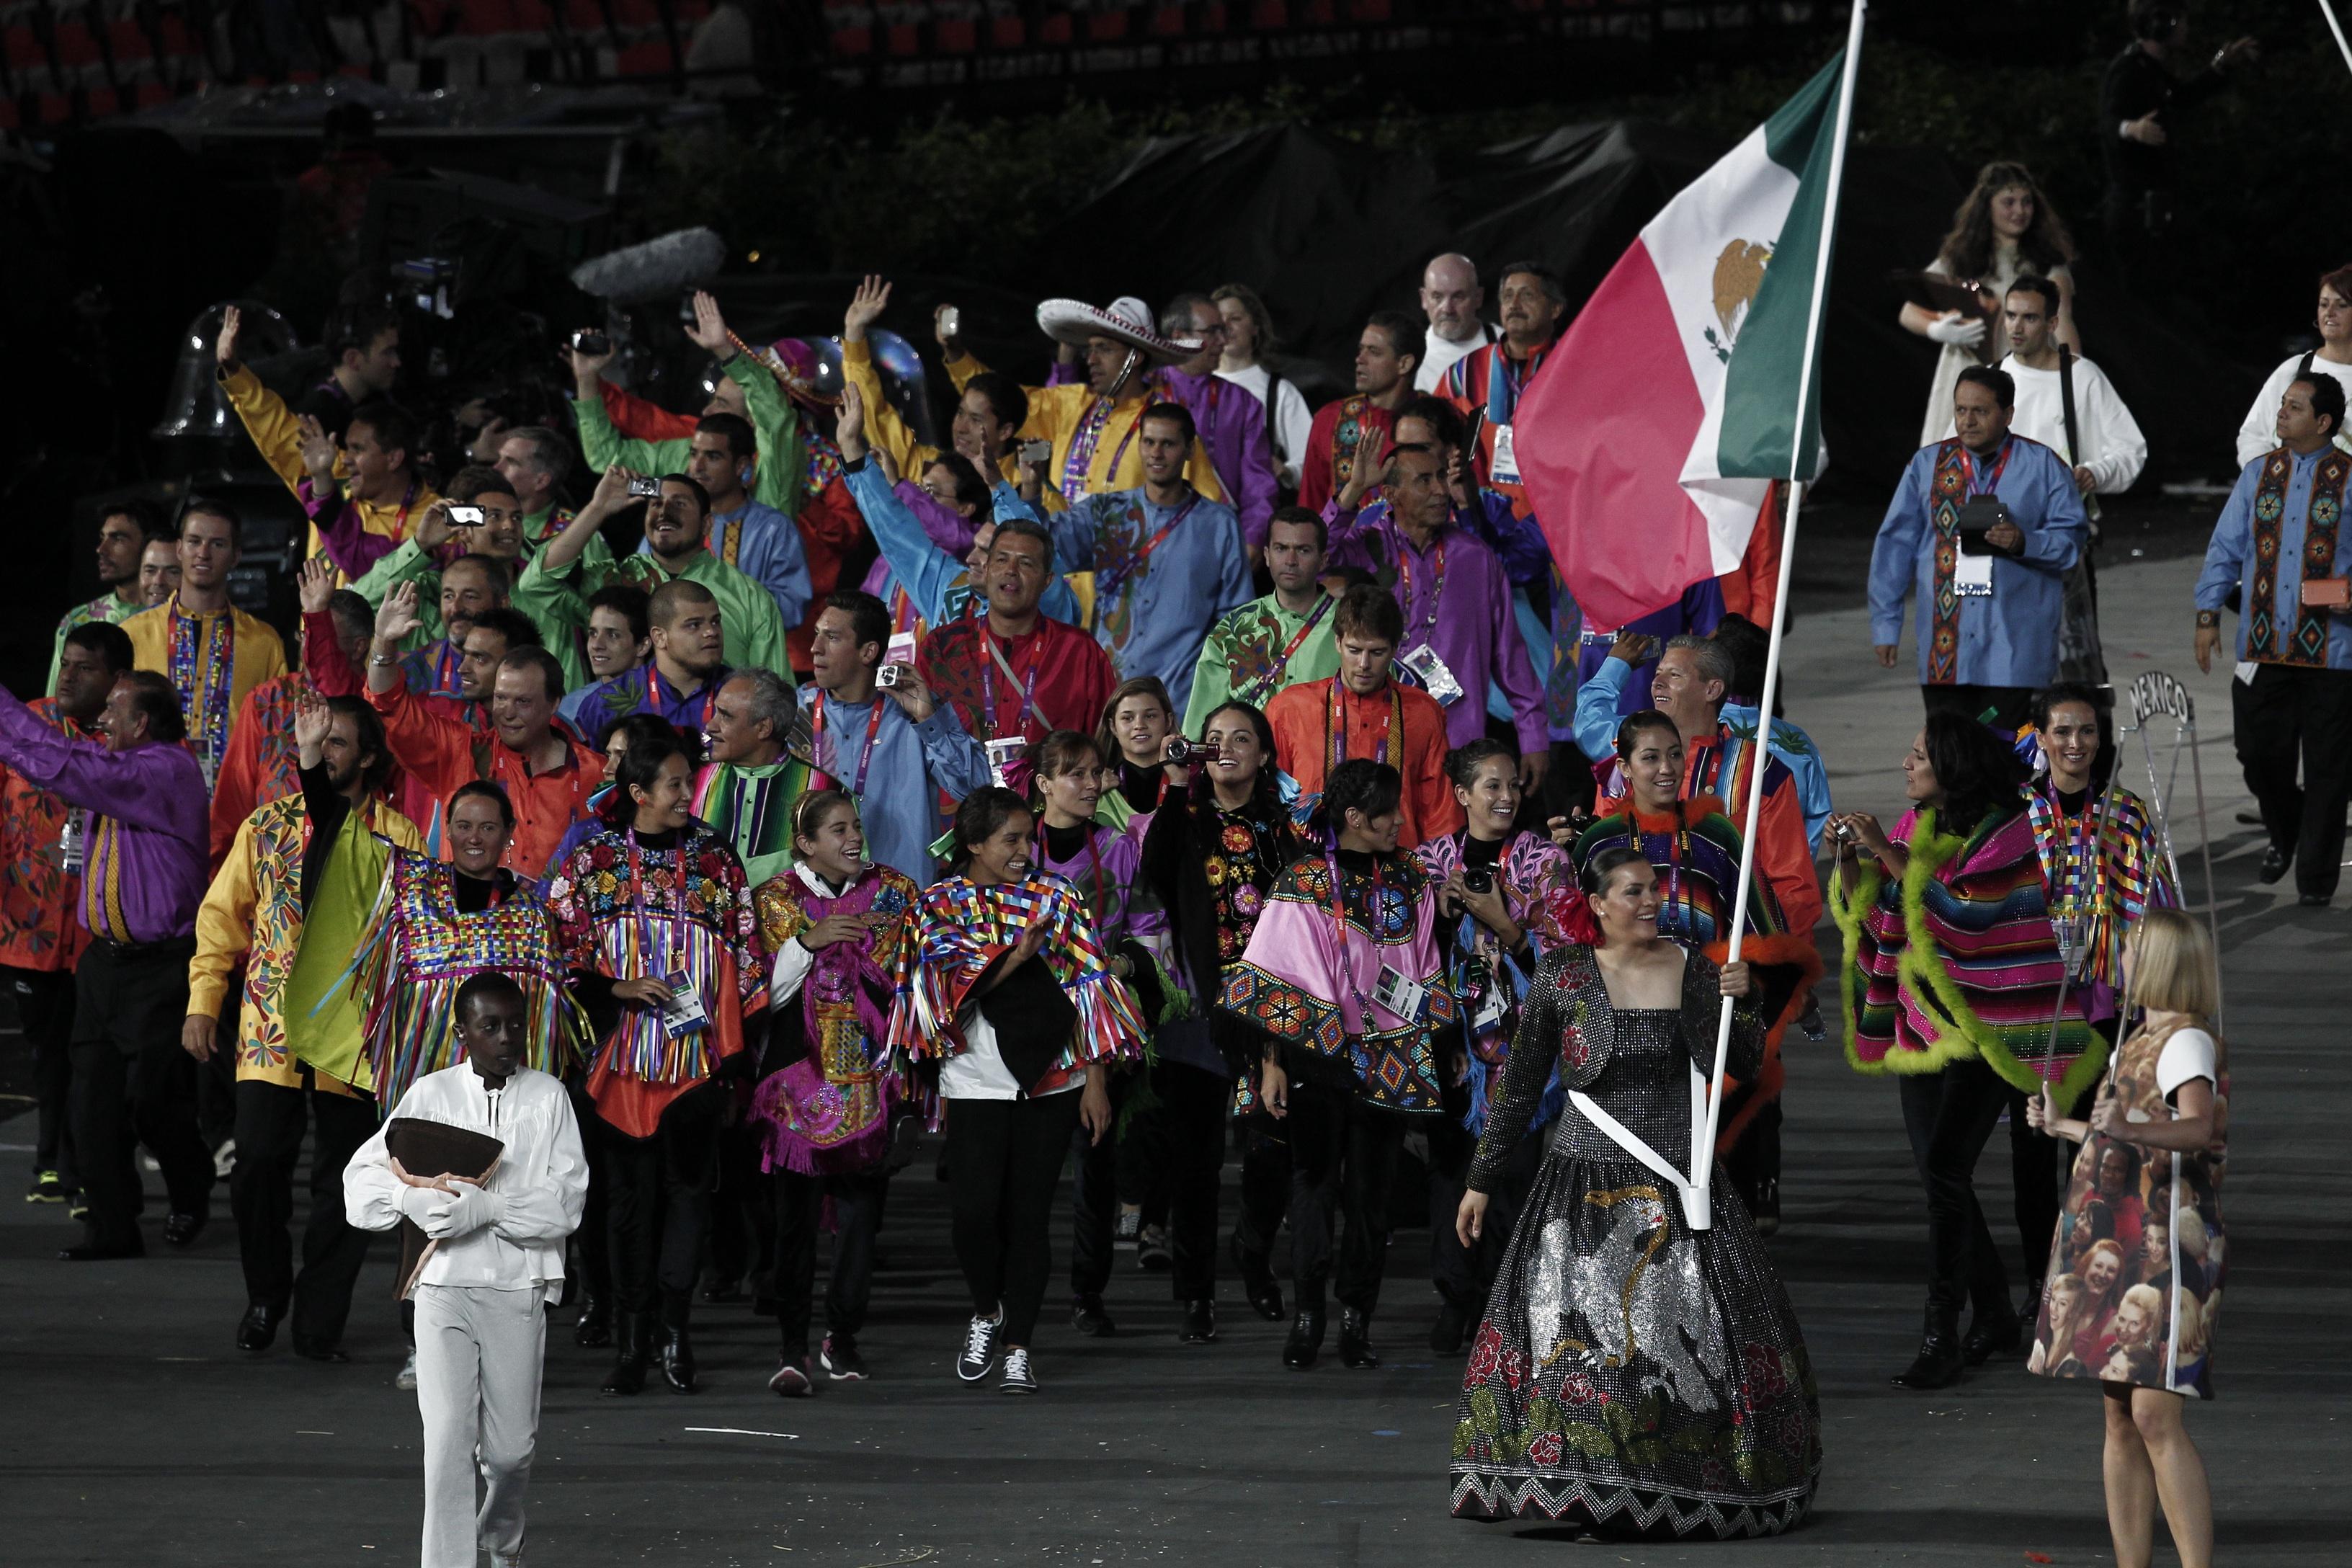 Londres 2012: el sueño que ha terminado, México ha cumplido